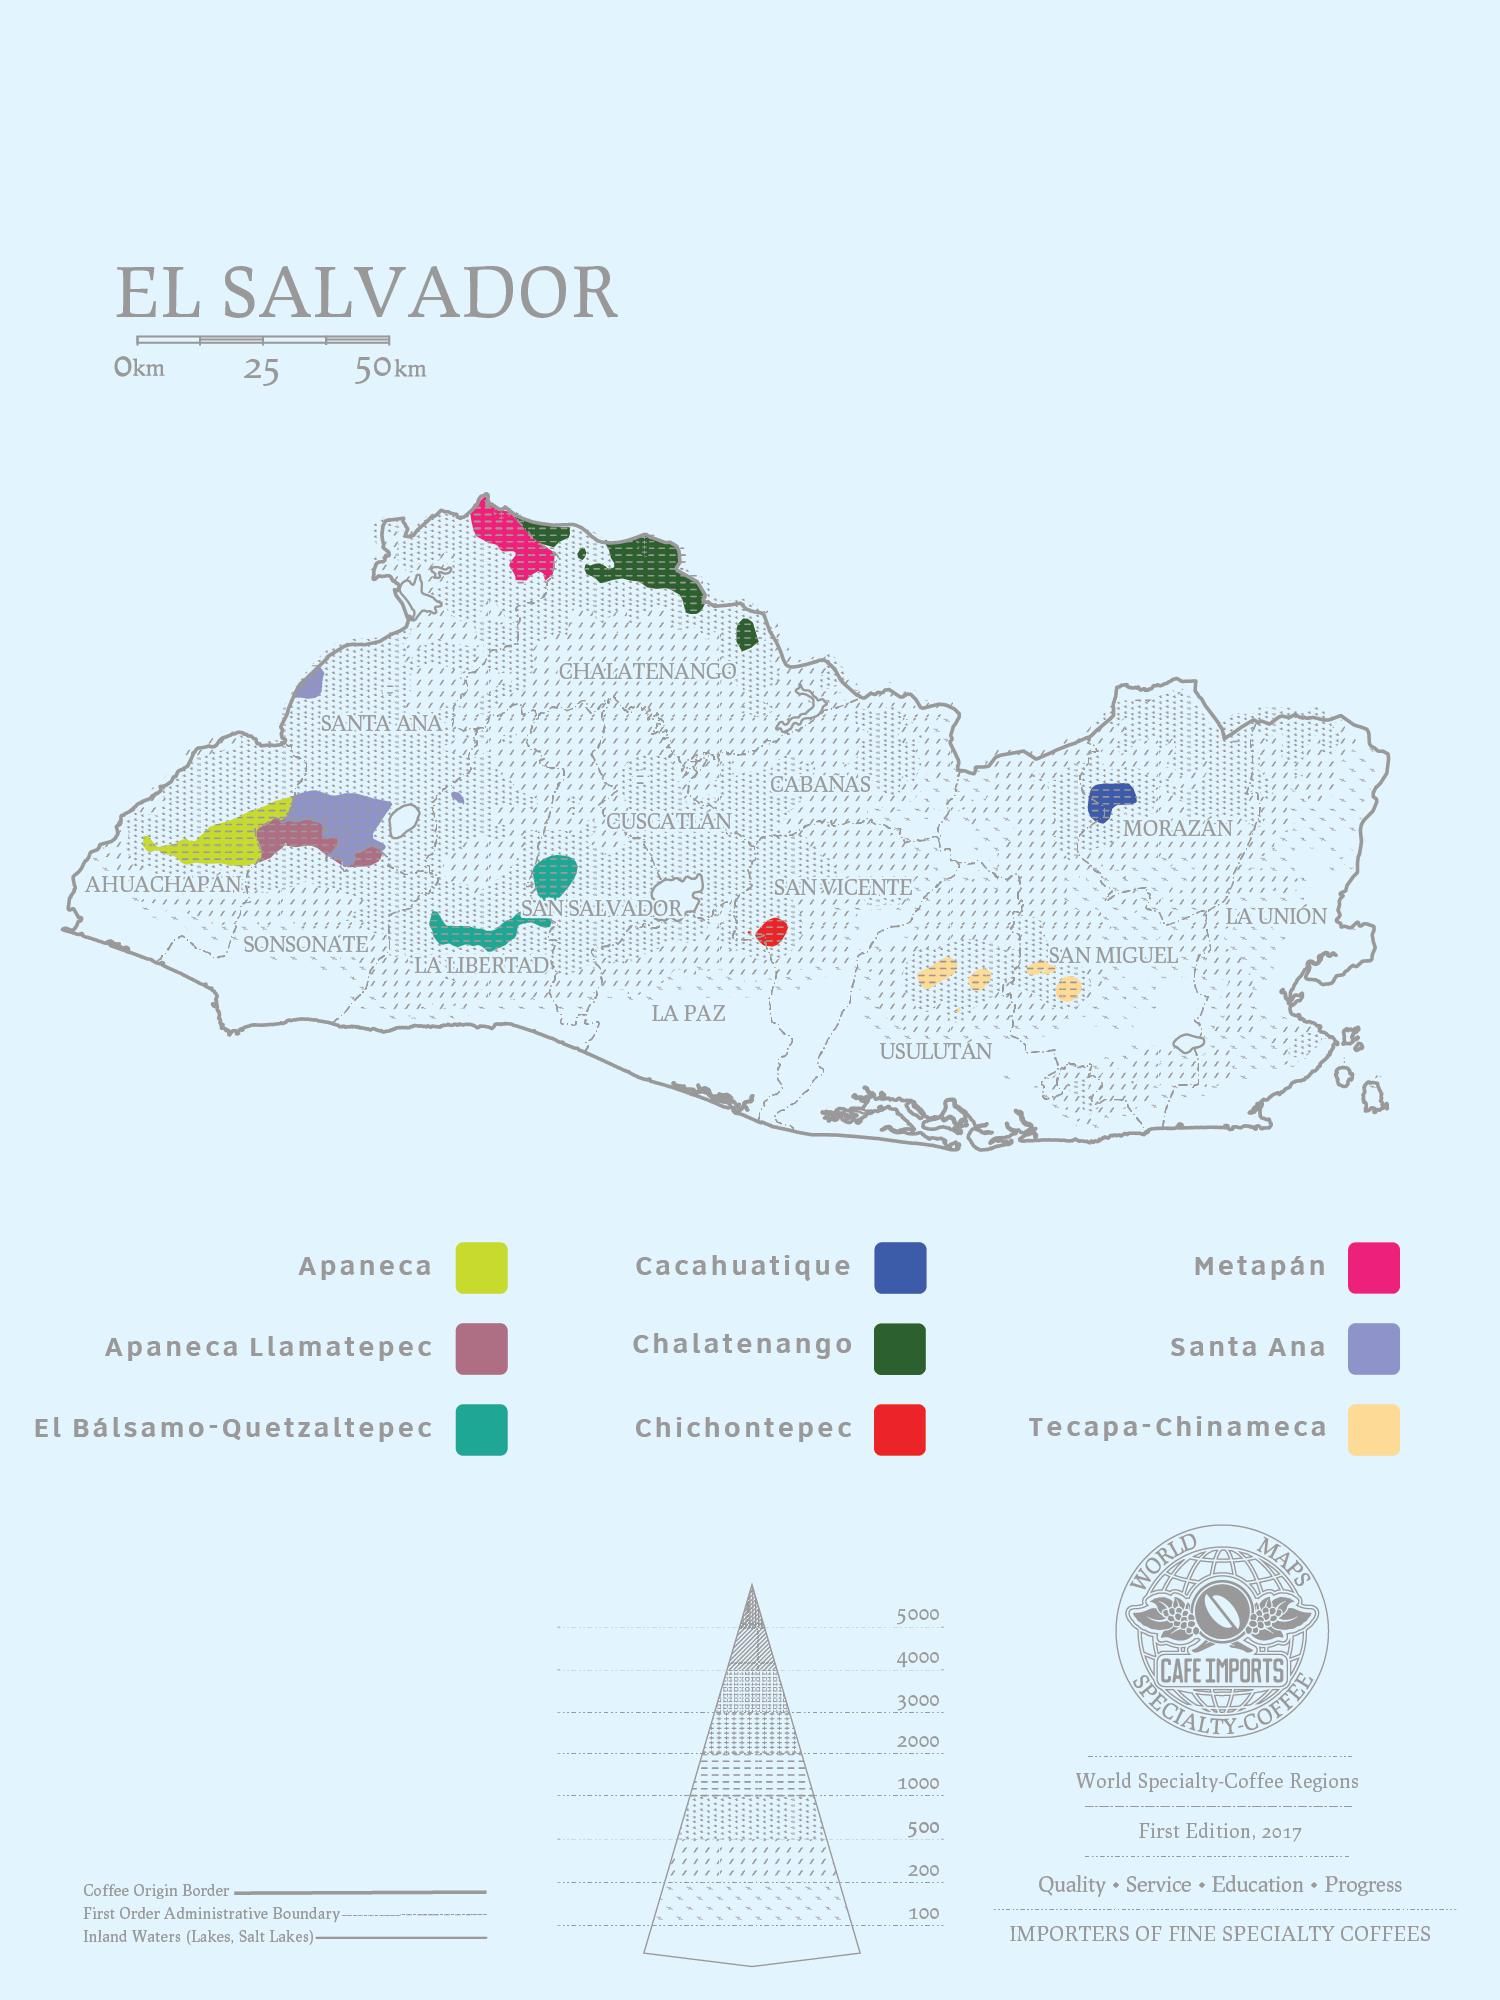 Cafe Imports | El Salvador